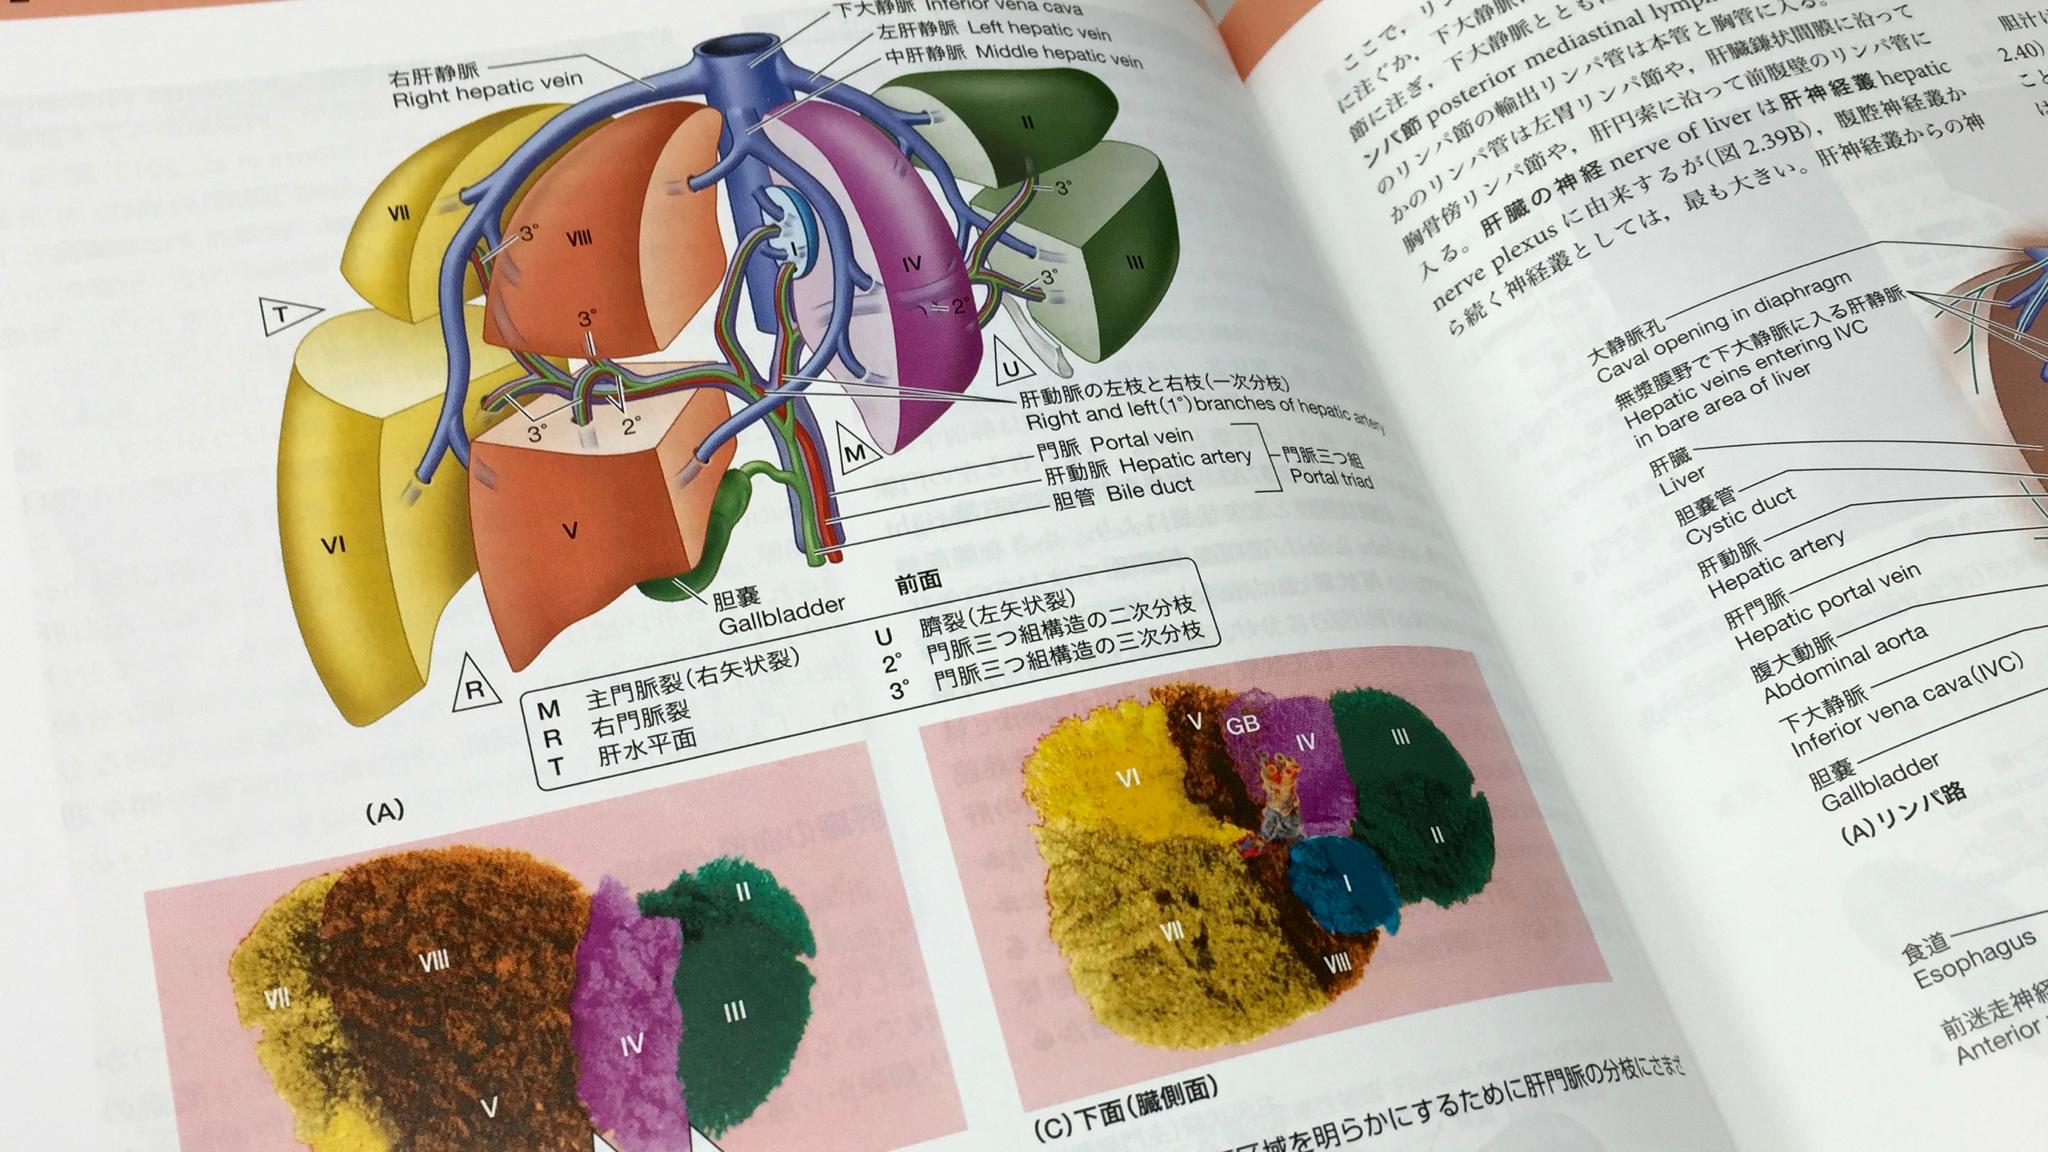 肝臓の区域解剖。臨床で重要になる。